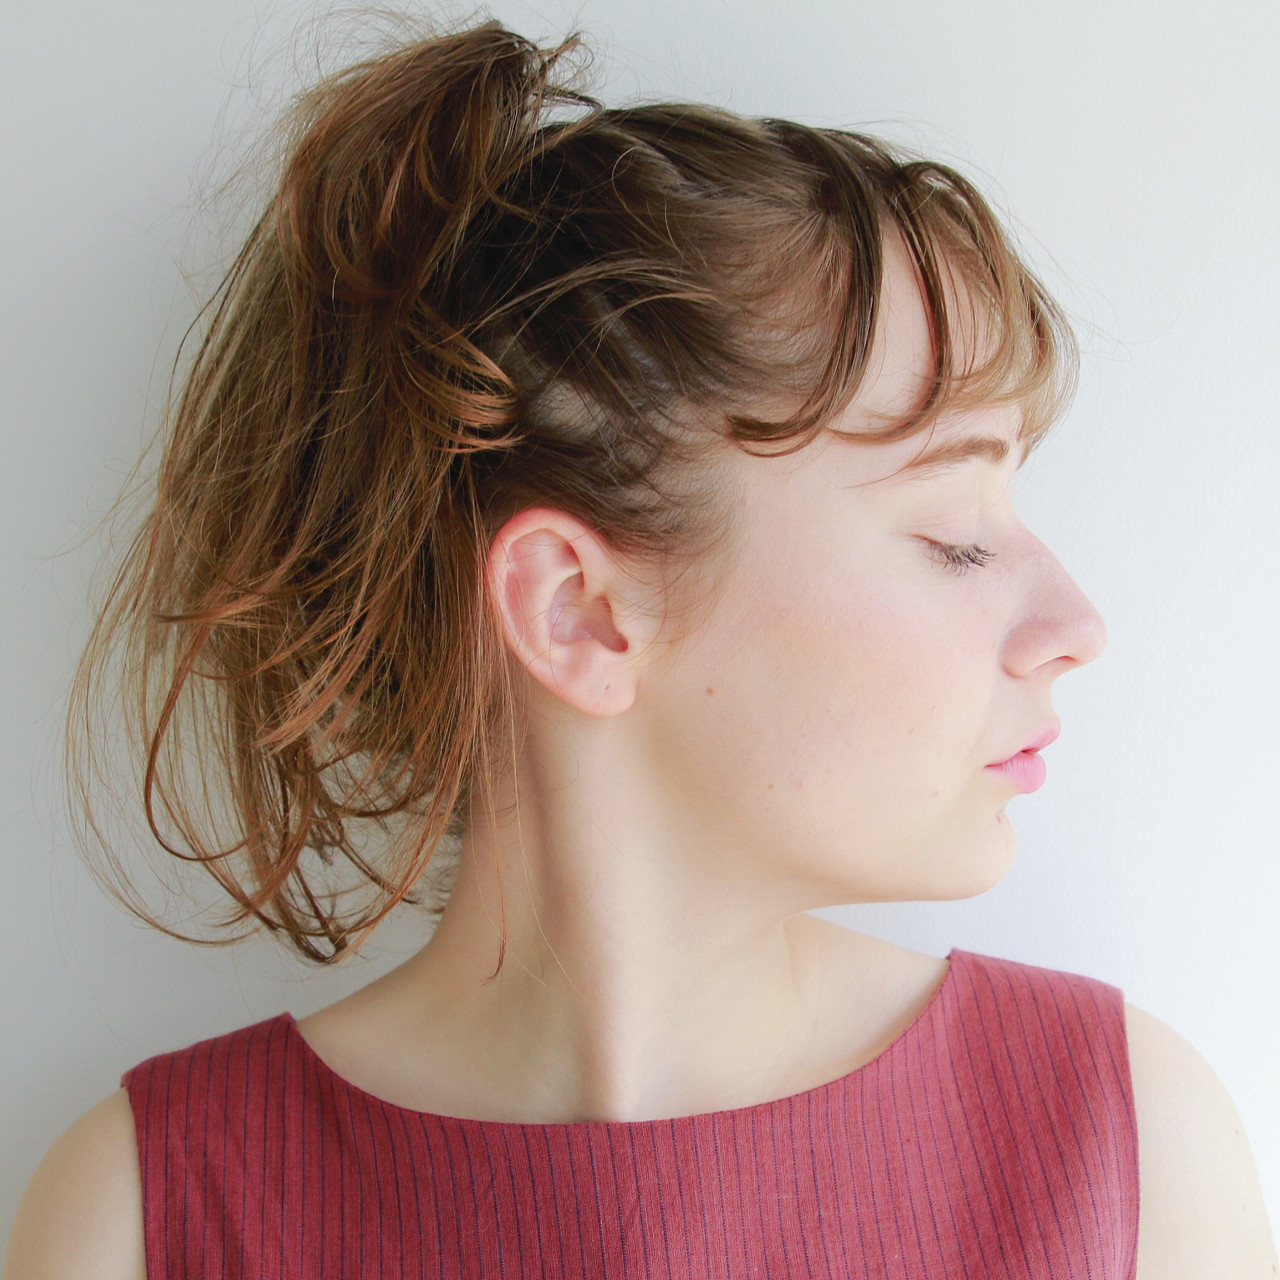 ナチュラル 簡単ヘアアレンジ セミロング パーティ ヘアスタイルや髪型の写真・画像